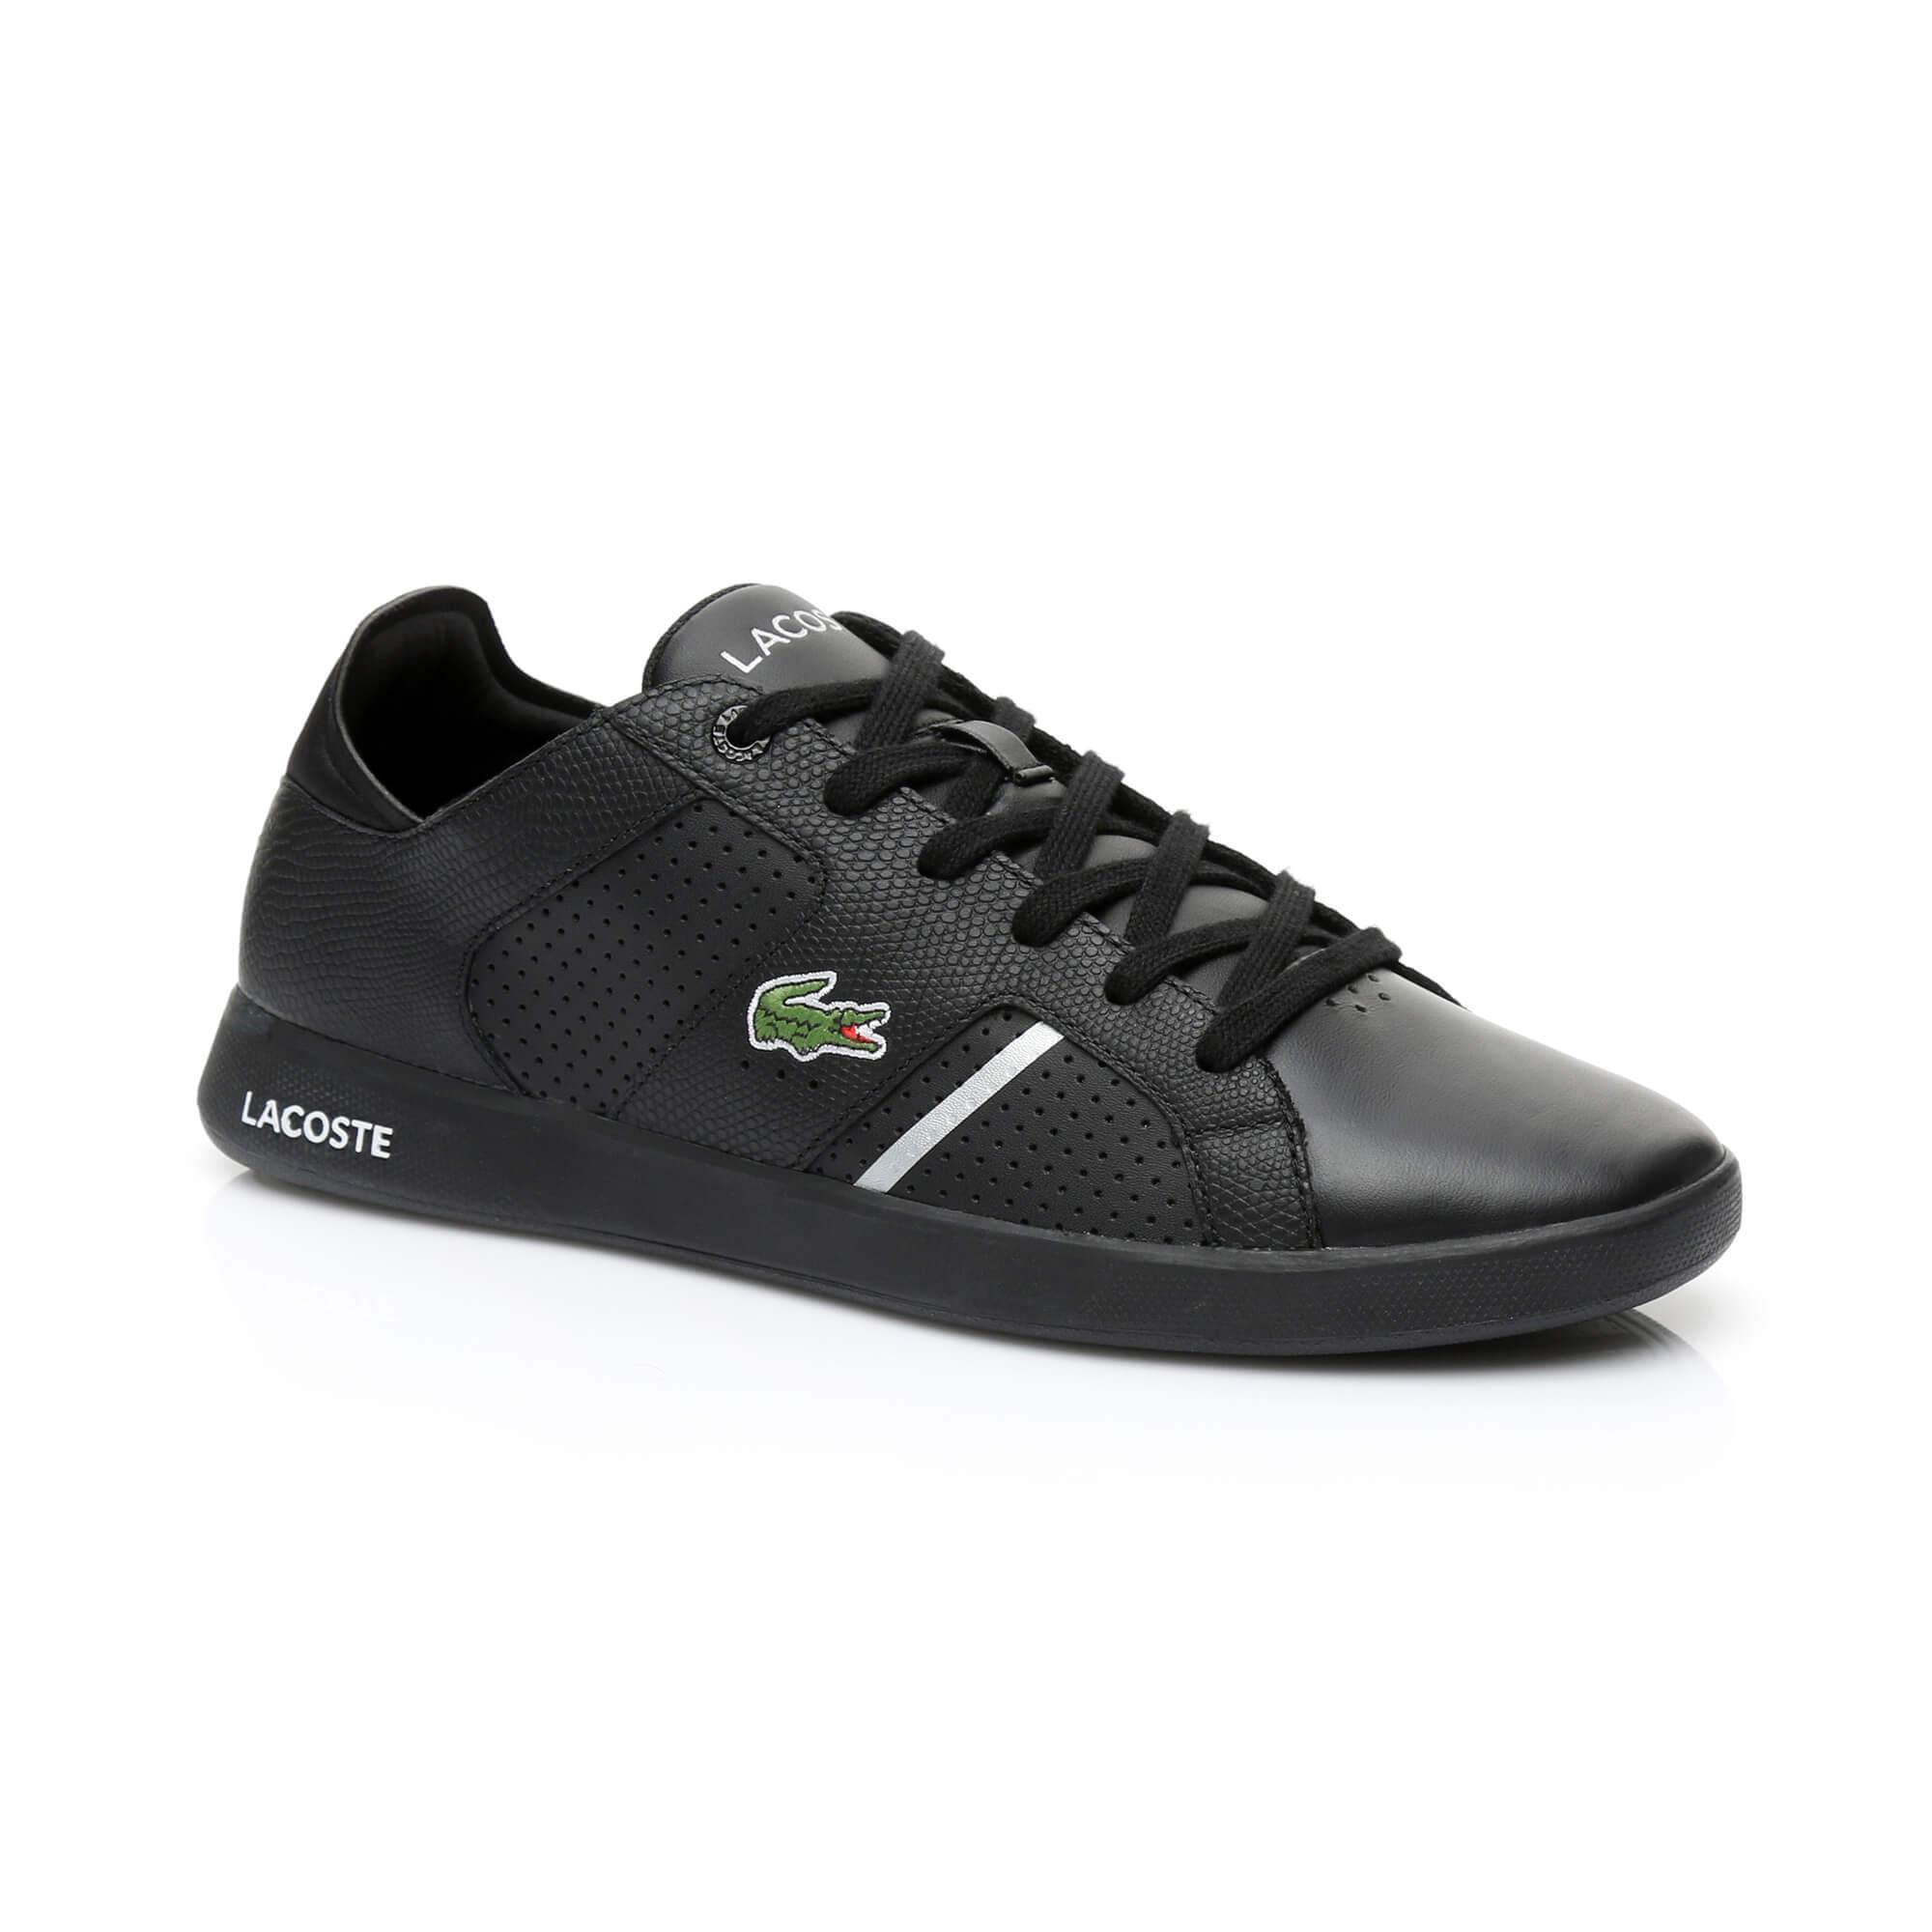 Lacoste Novas CT Gri Erkek Ayakkabı